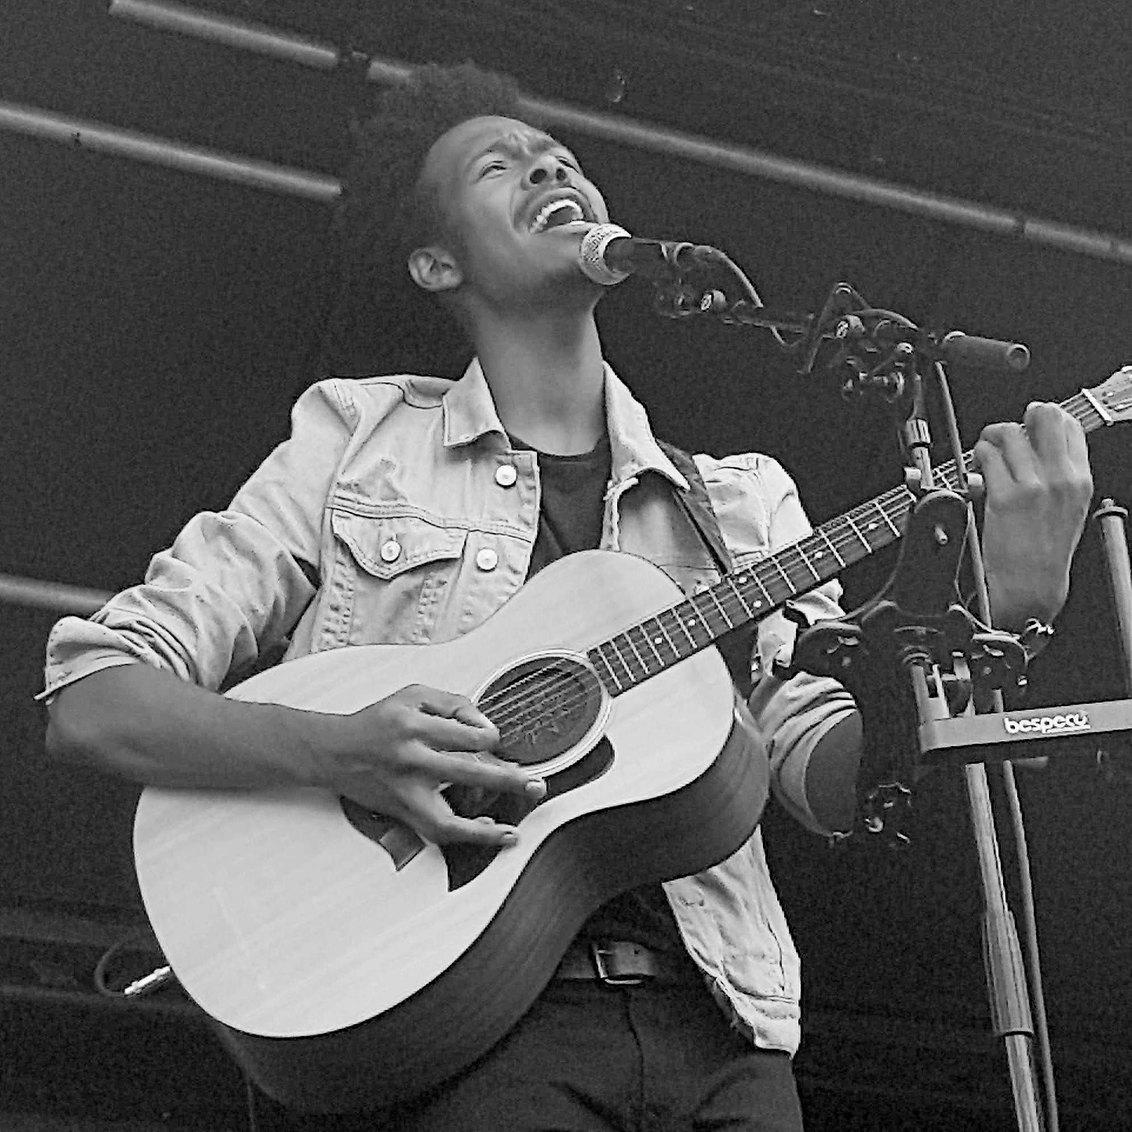 """Jeangu Macrooy - Jeangu Macrooy, sinds drie jaar woonachtig in Nederland, tijdens zijn optreden in Alkmaar vanmiddag in het kader van """"Zomer op het plein"""". Fantastisc - foto door Walvisch op 30-07-2017 - deze foto bevat: pop, artiest, gitaar, muziek, optreden, zingen, muzikant, geluid, kracht, alkmaar, soul, zwartwit, emotie, live, gitarist, zanger"""